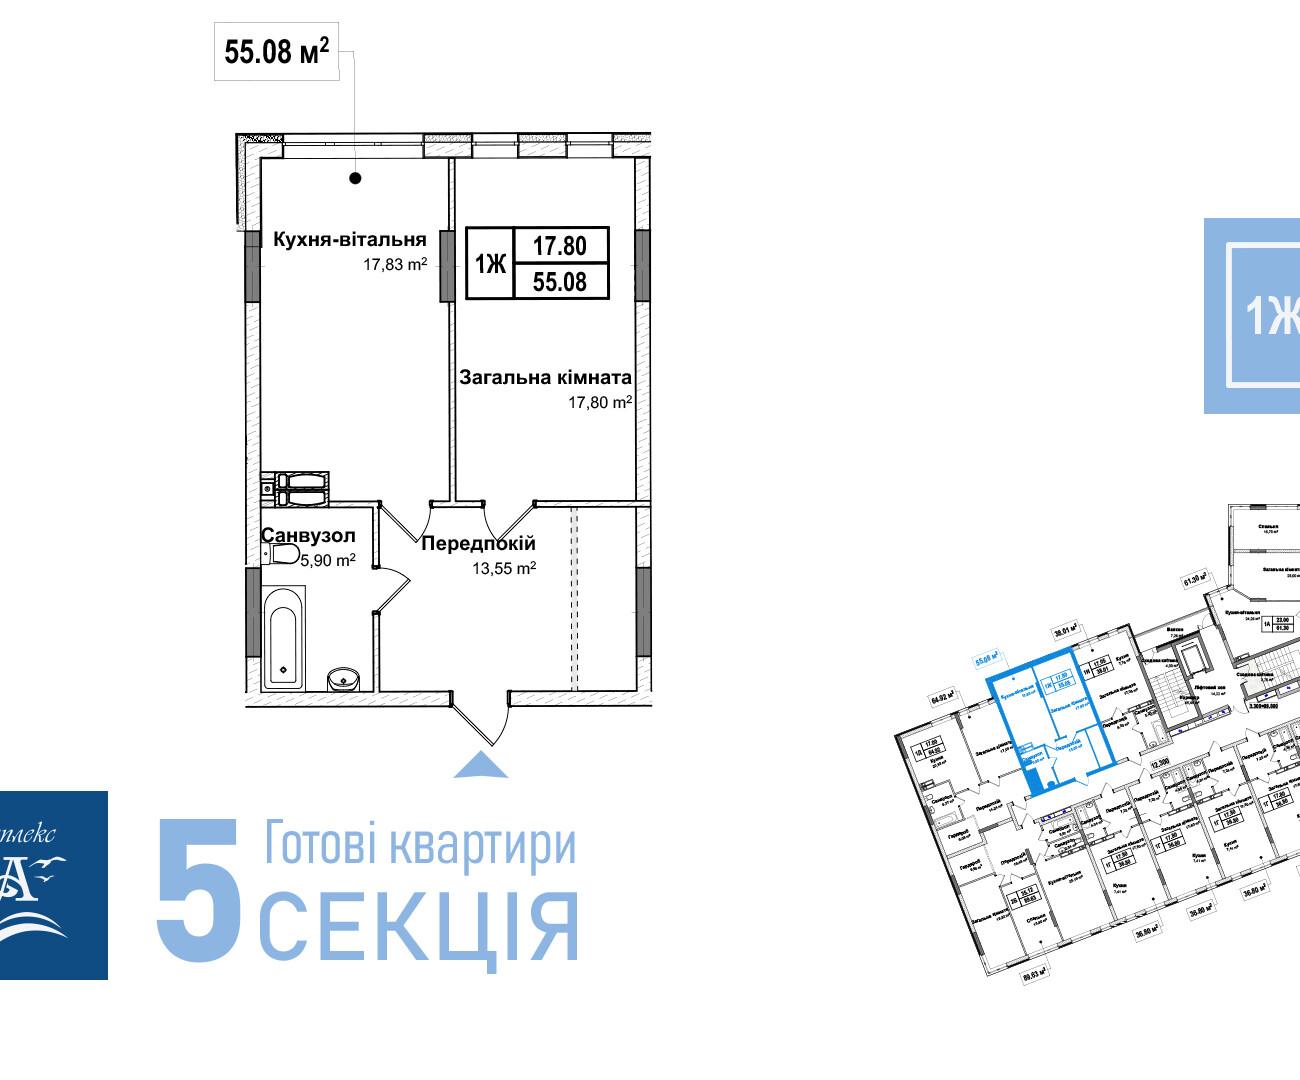 Секція 5 однокімнатна квартира 1ж 55,08 м²